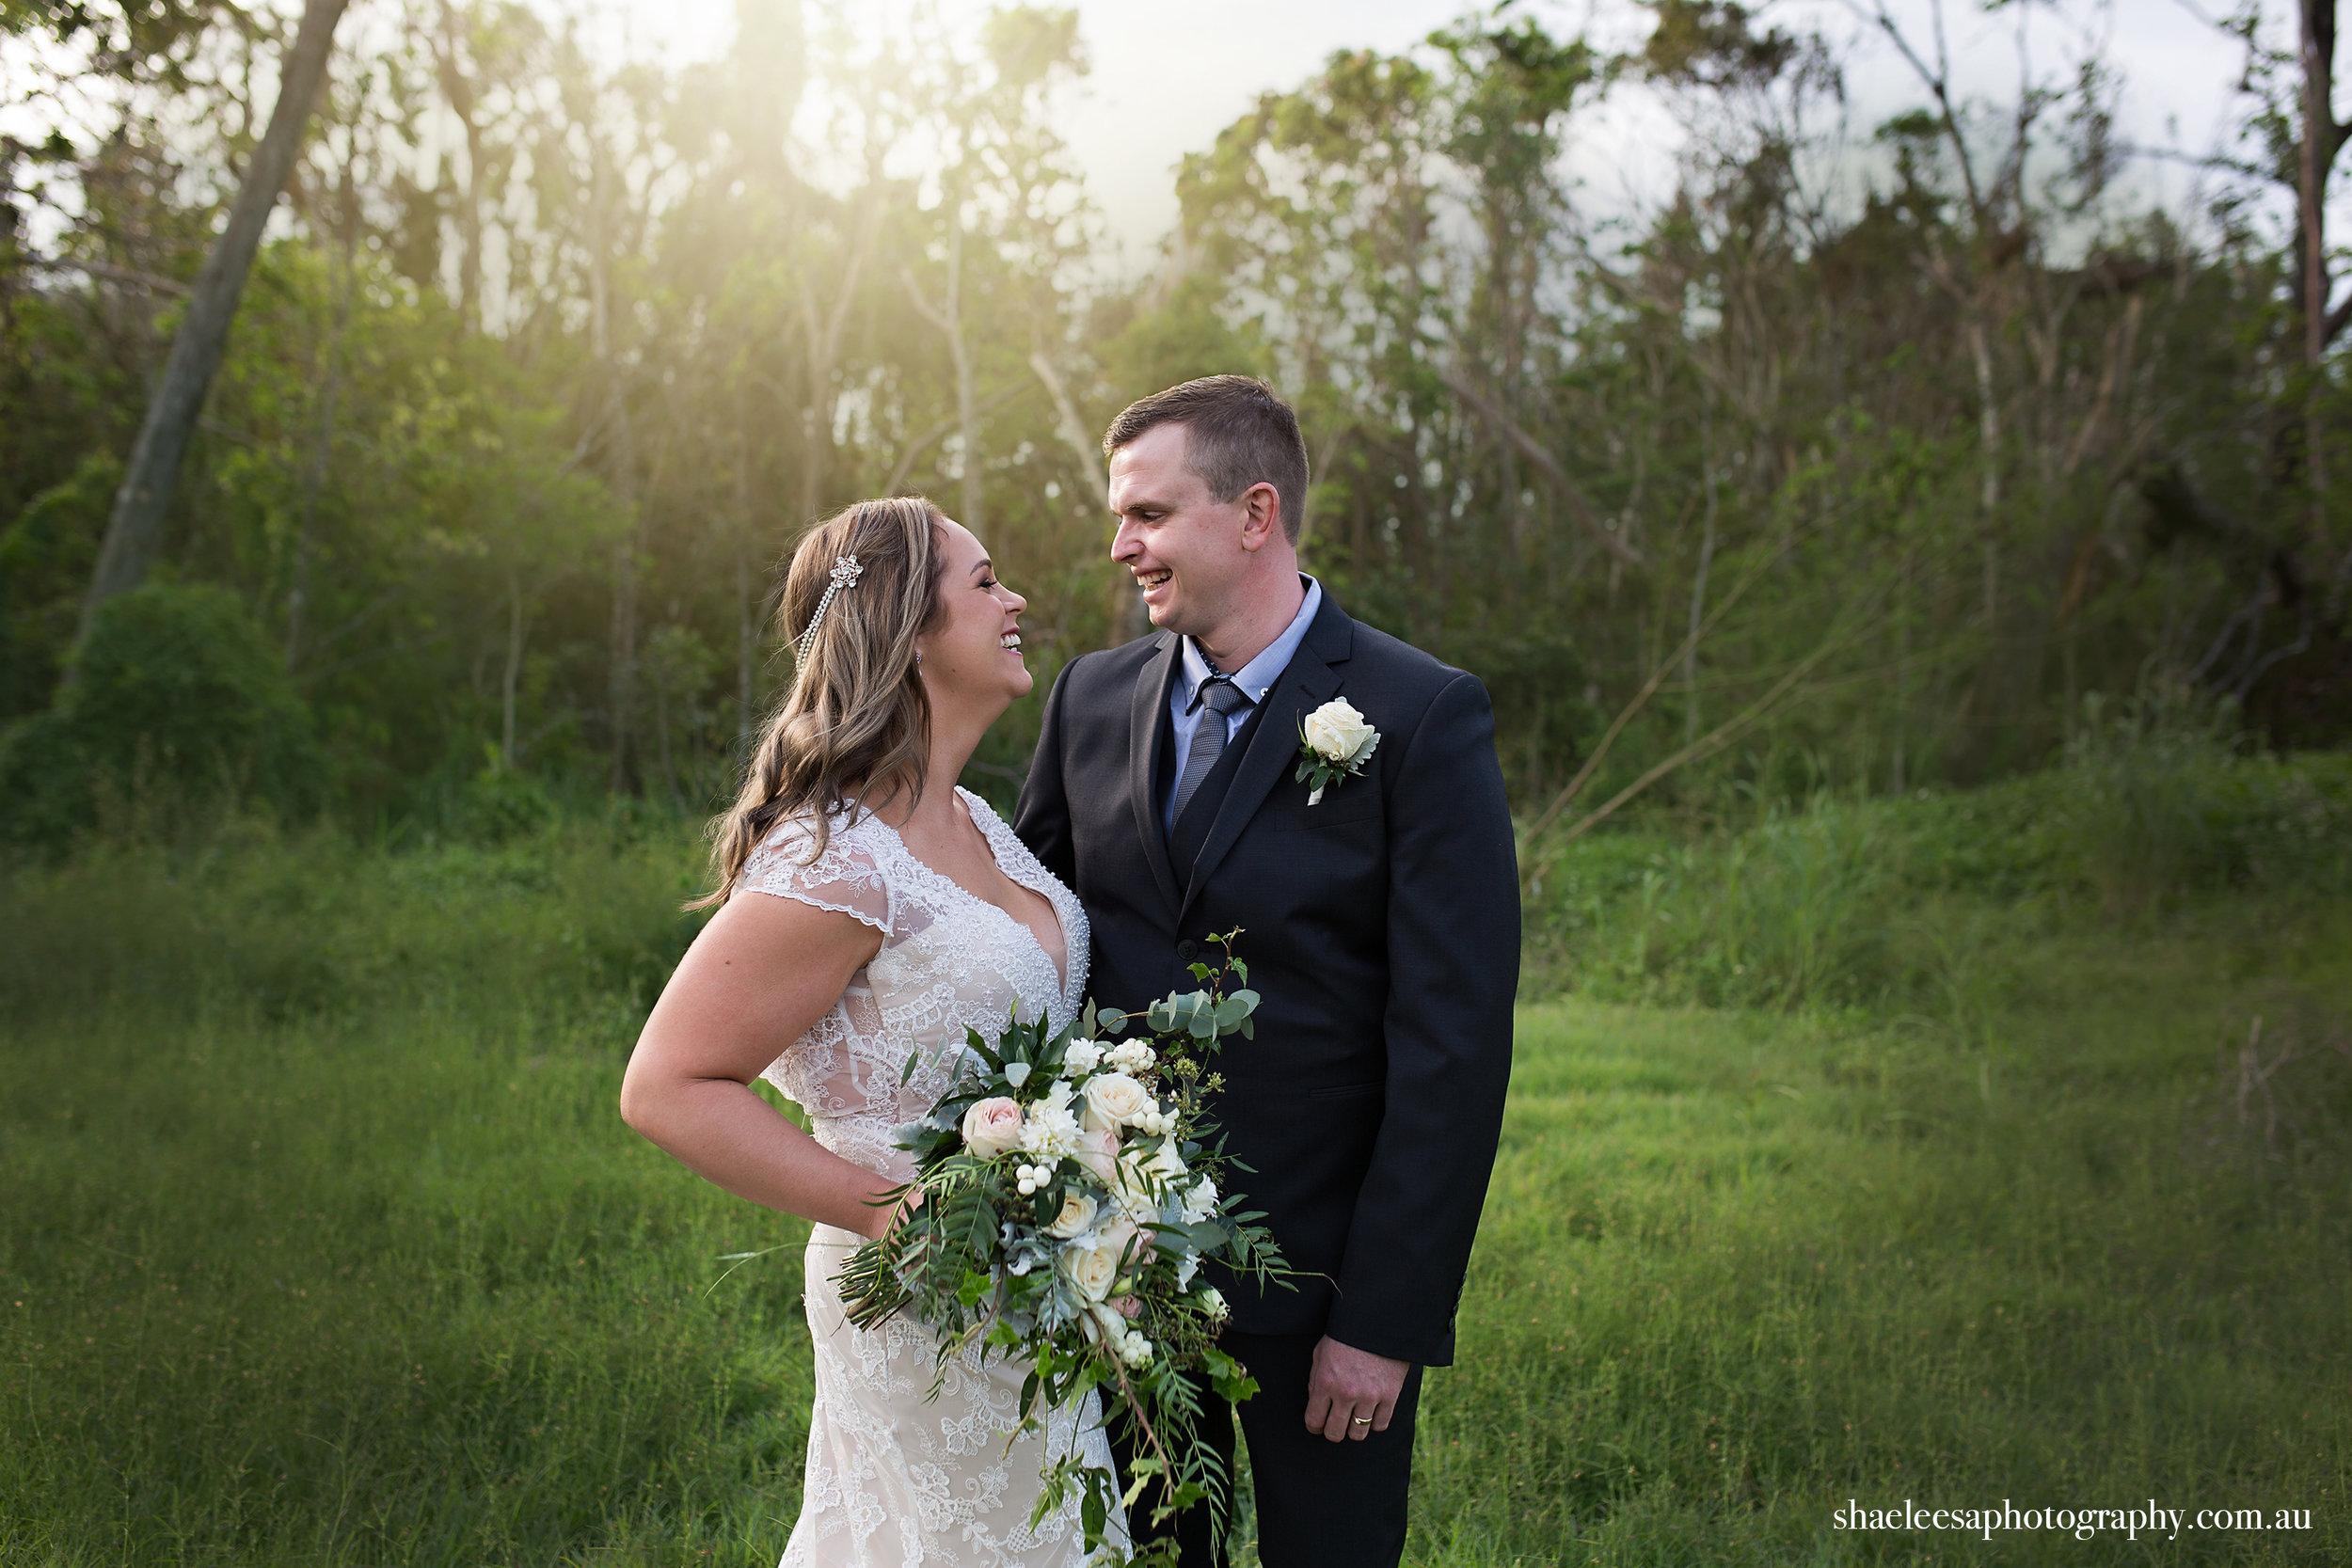 WeddingsByShae_151_McDermid2017.jpg